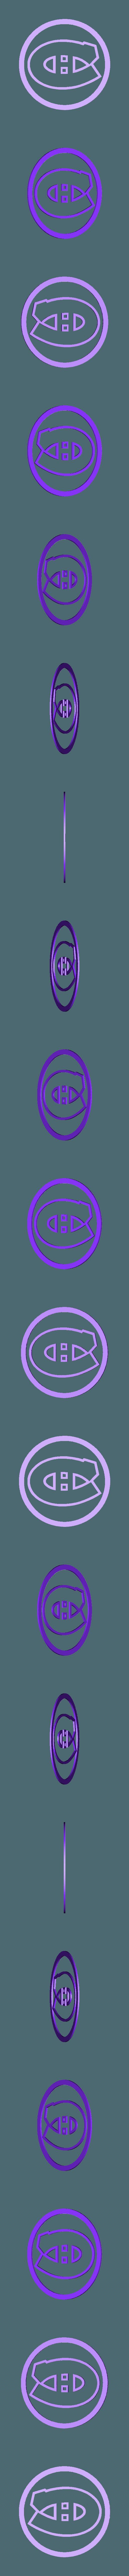 bTop_blue.stl Télécharger fichier STL gratuit Dessous de verre Habs • Modèle pour imprimante 3D, snagman